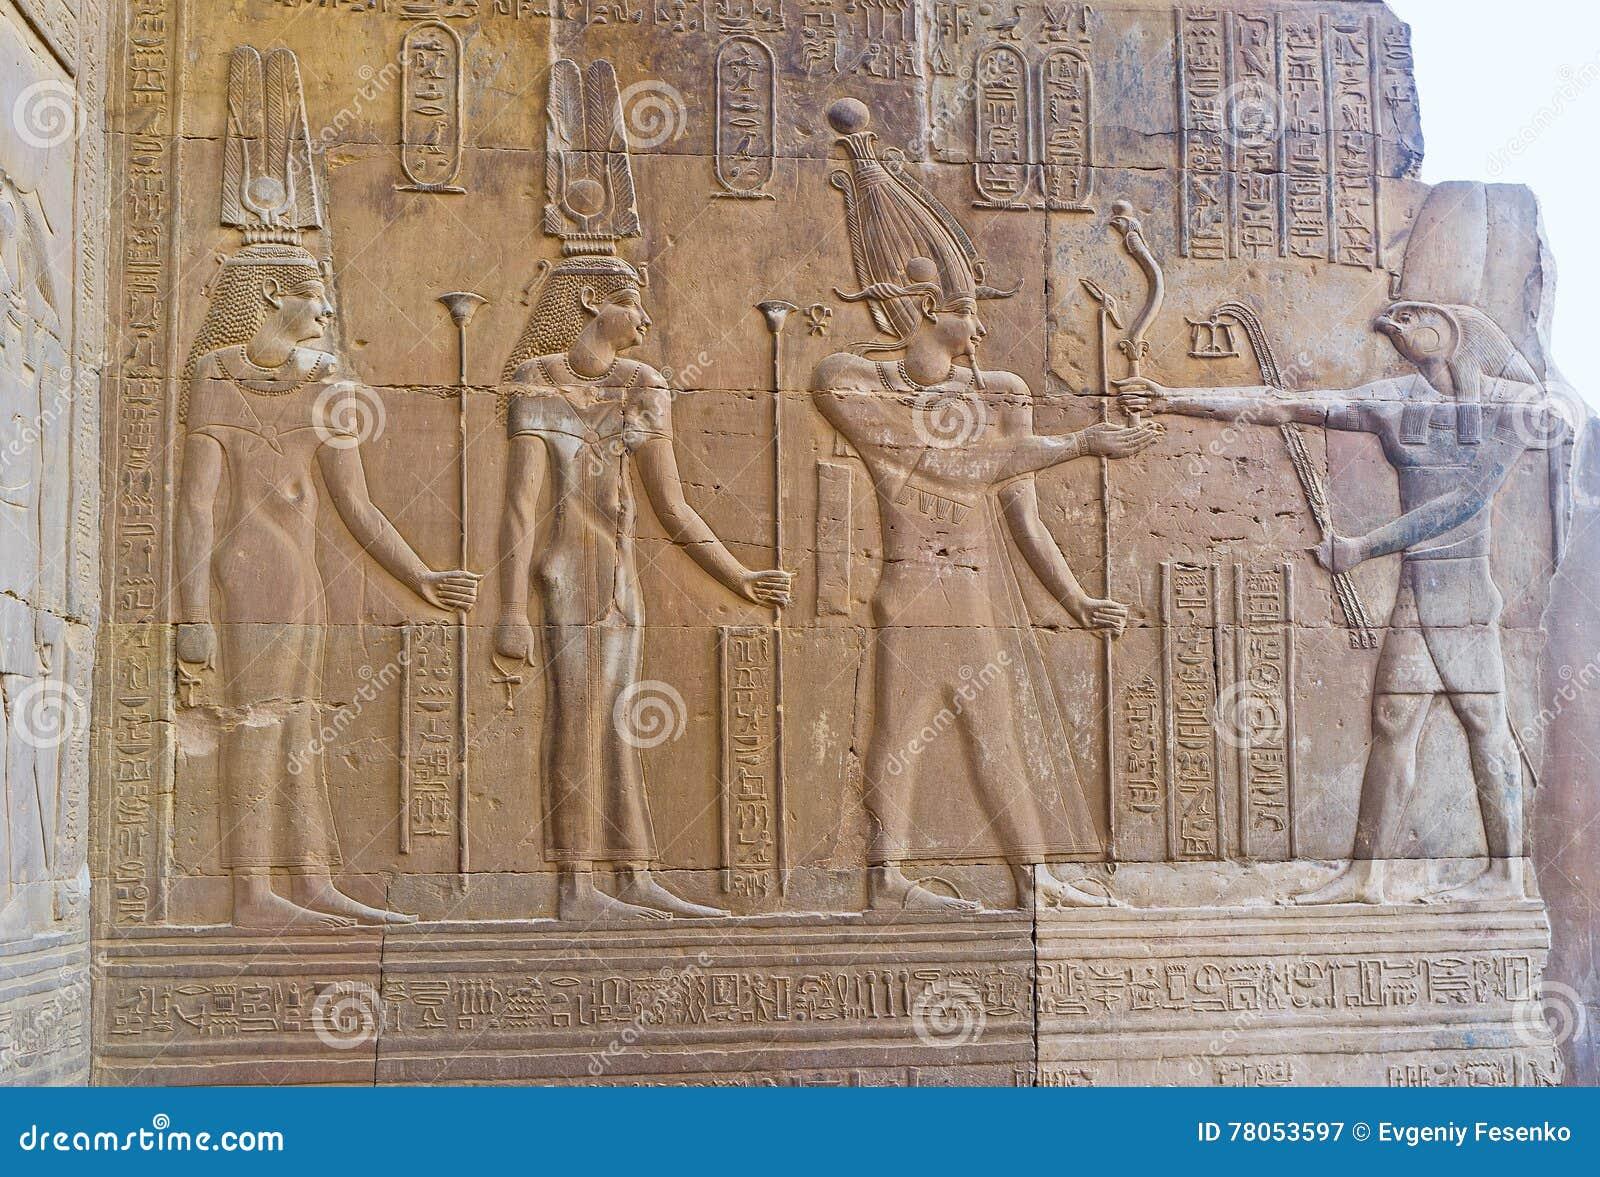 Farao och guden Horus